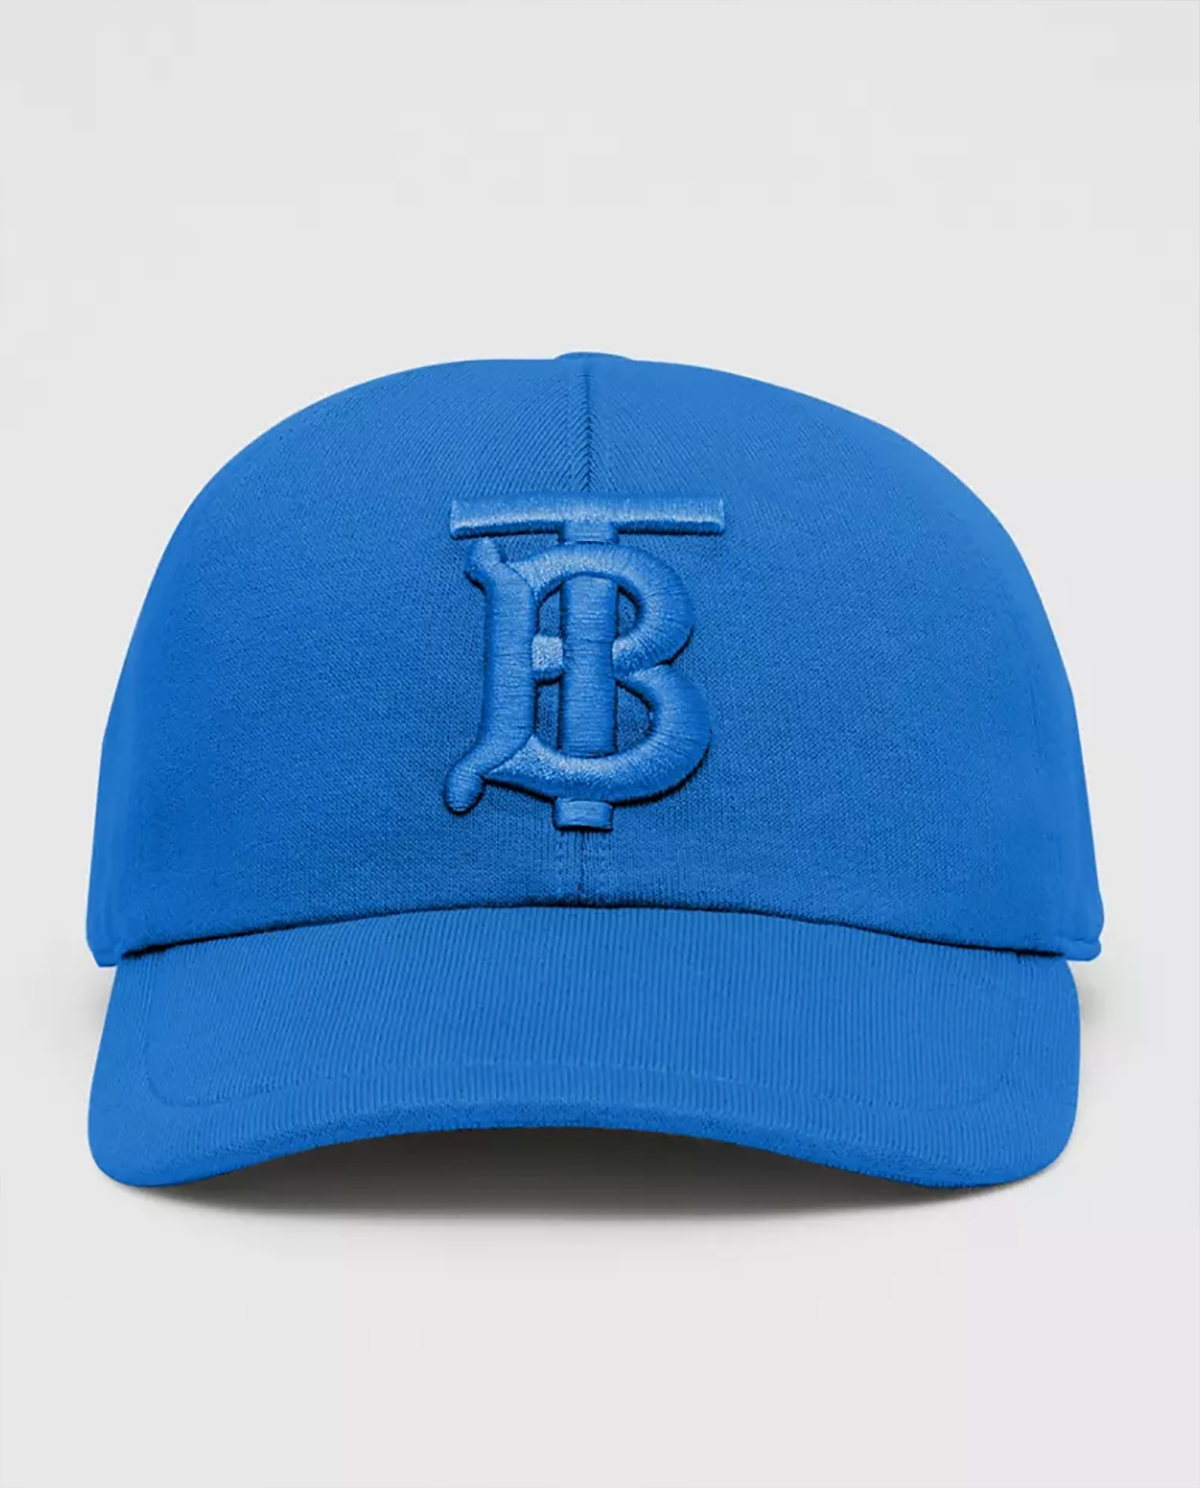 Niebieska czapka z monogramem Burberry M8031020 A4778